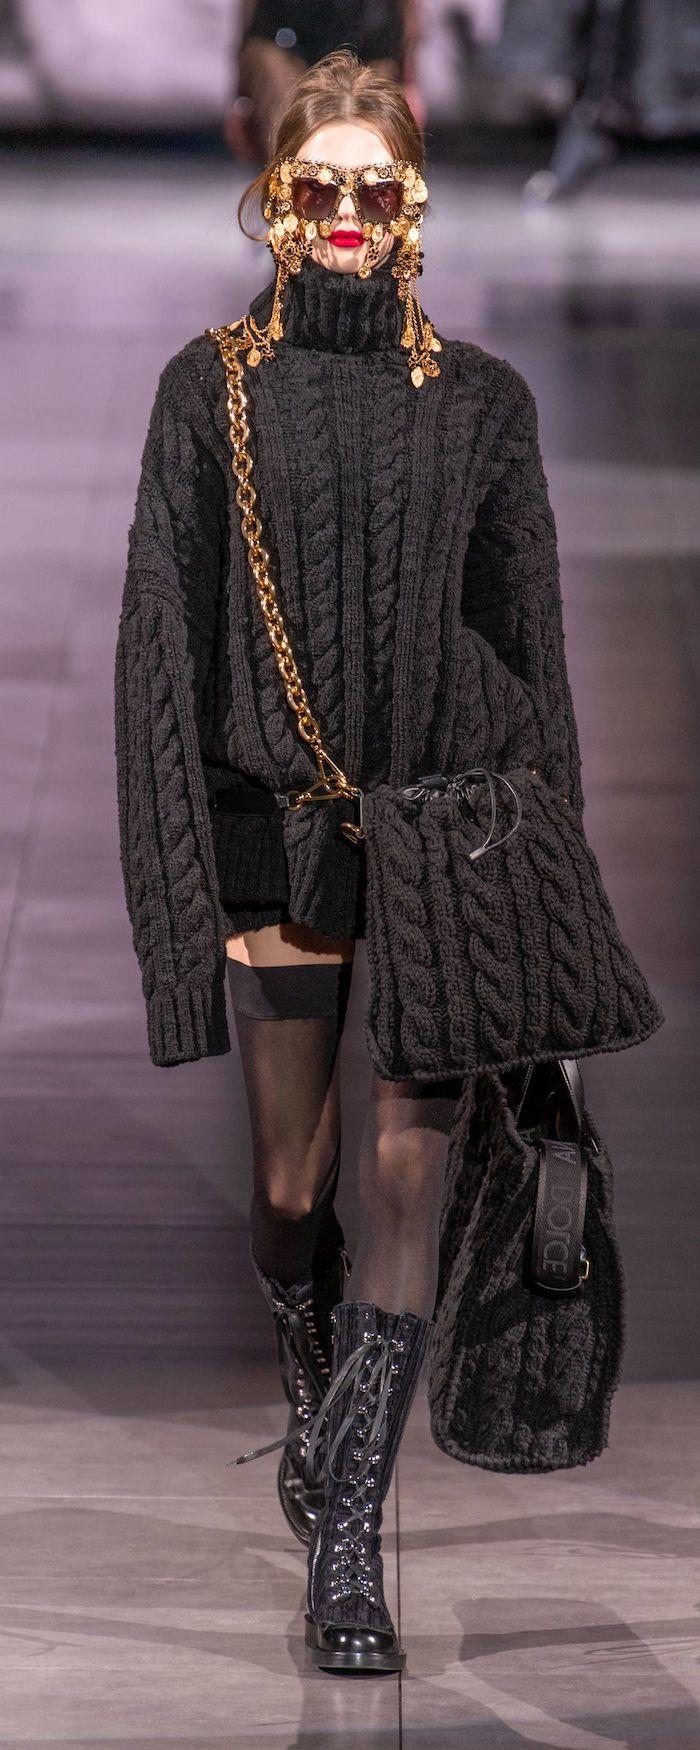 mode hiver 2021 femme en pull tricote avec des bottes a talons un sac tricote et lunettes a soleil